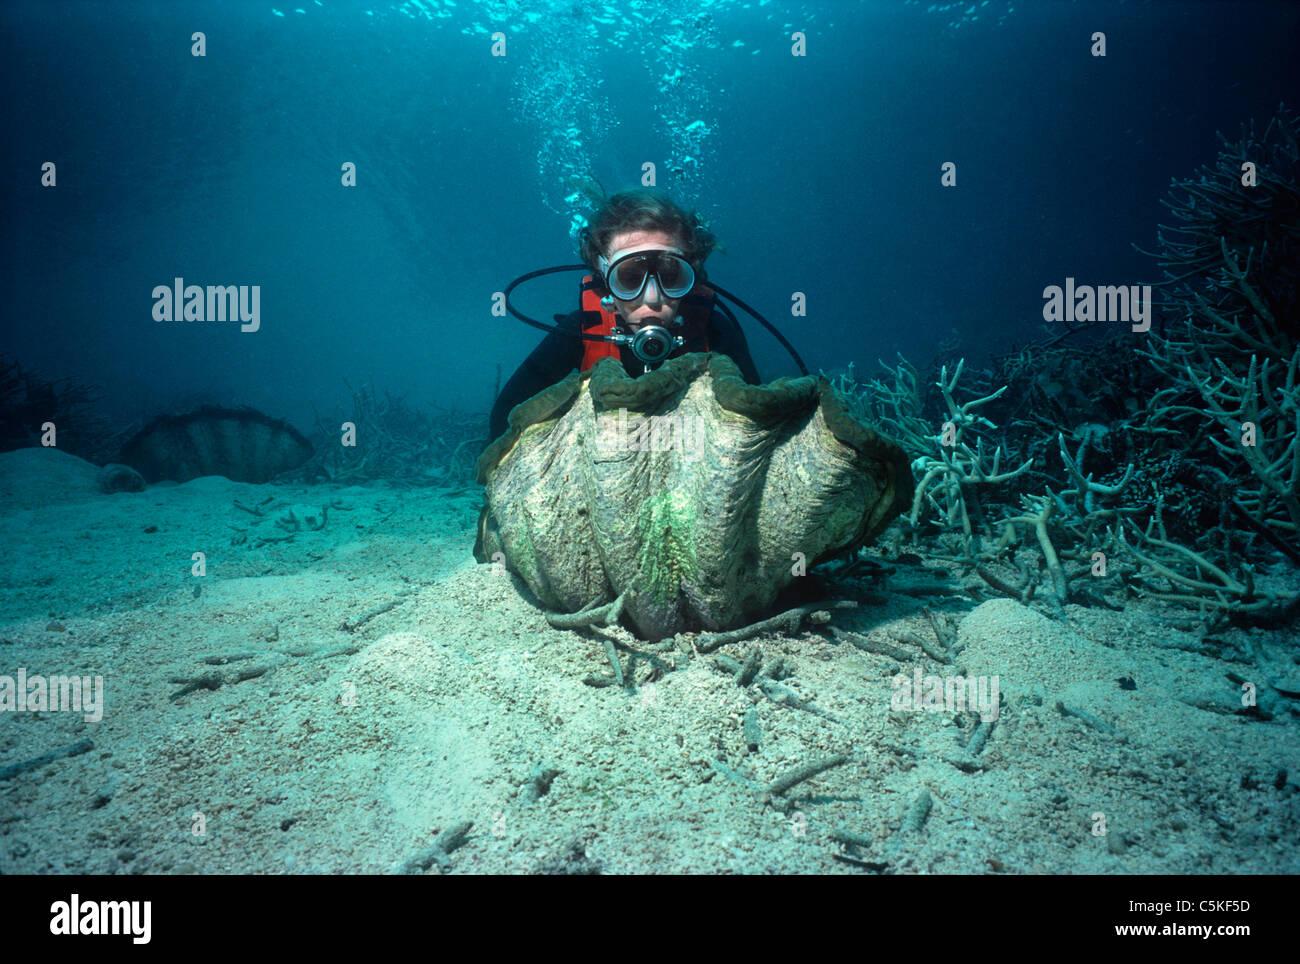 Buceador examinando una gigantesca concha estriada (Tridacna squamosa) sobre un arrecife de coral. Palau, Micronesia Foto de stock